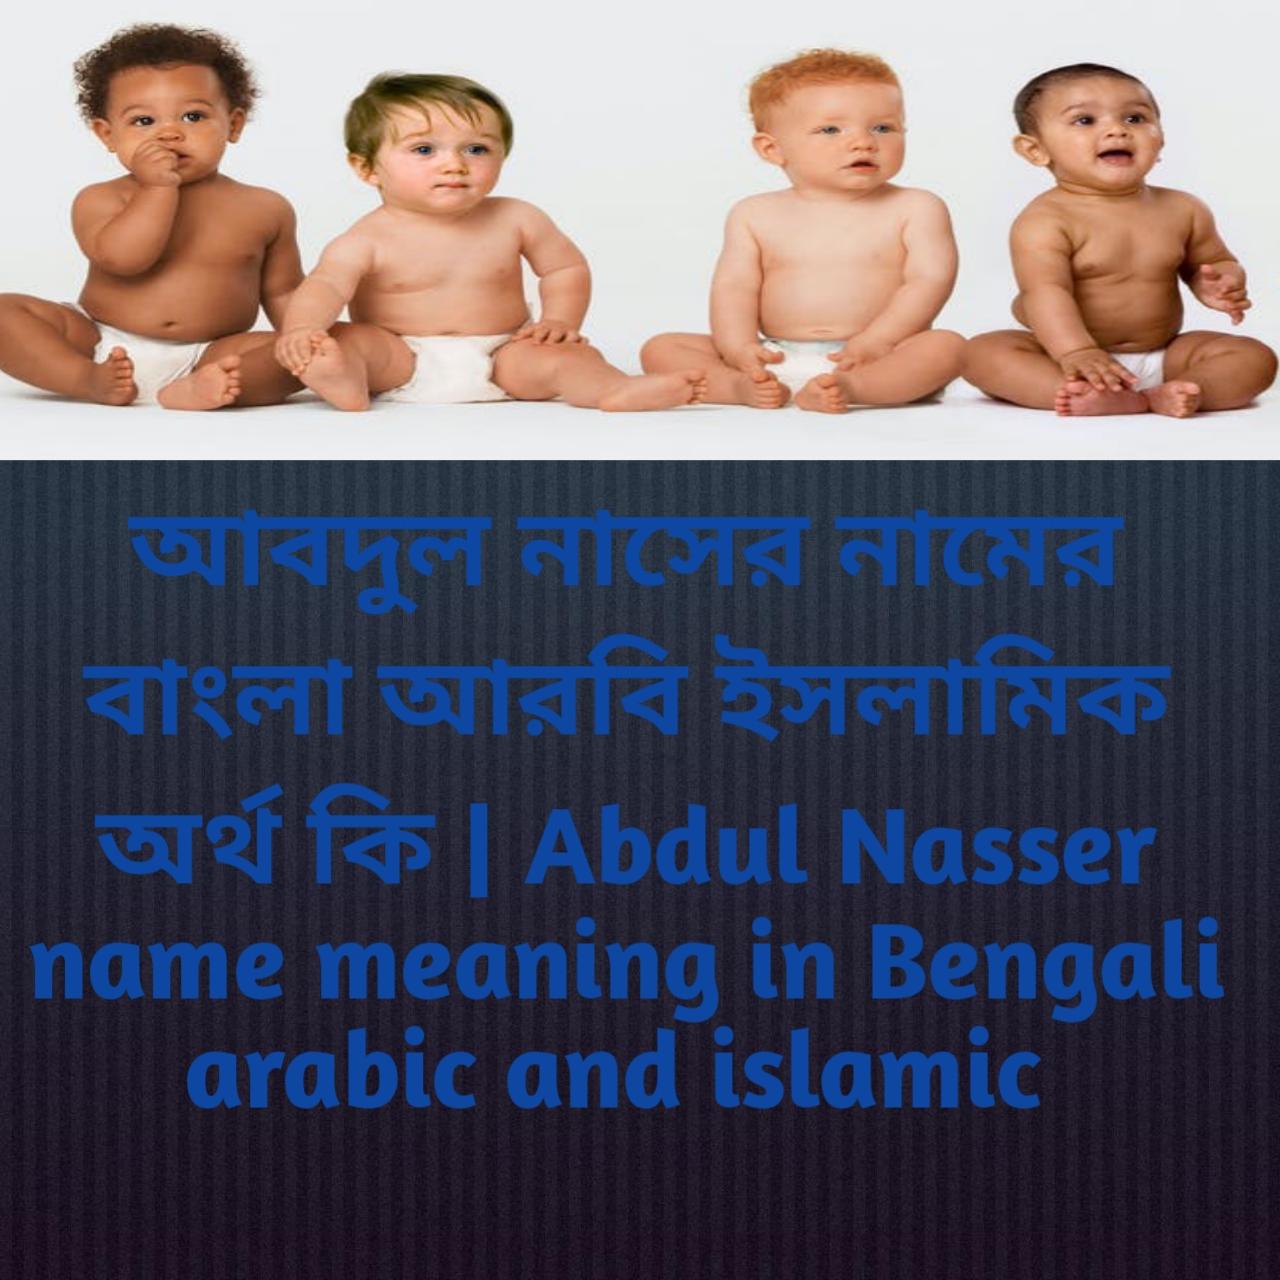 আবদুল নাসের নামের অর্থ কি, আবদুল নাসের নামের বাংলা অর্থ কি, আবদুল নাসের নামের ইসলামিক অর্থ কি, Abdul Nasser name meaning in Bengali, আবদুল নাসের কি ইসলামিক নাম,